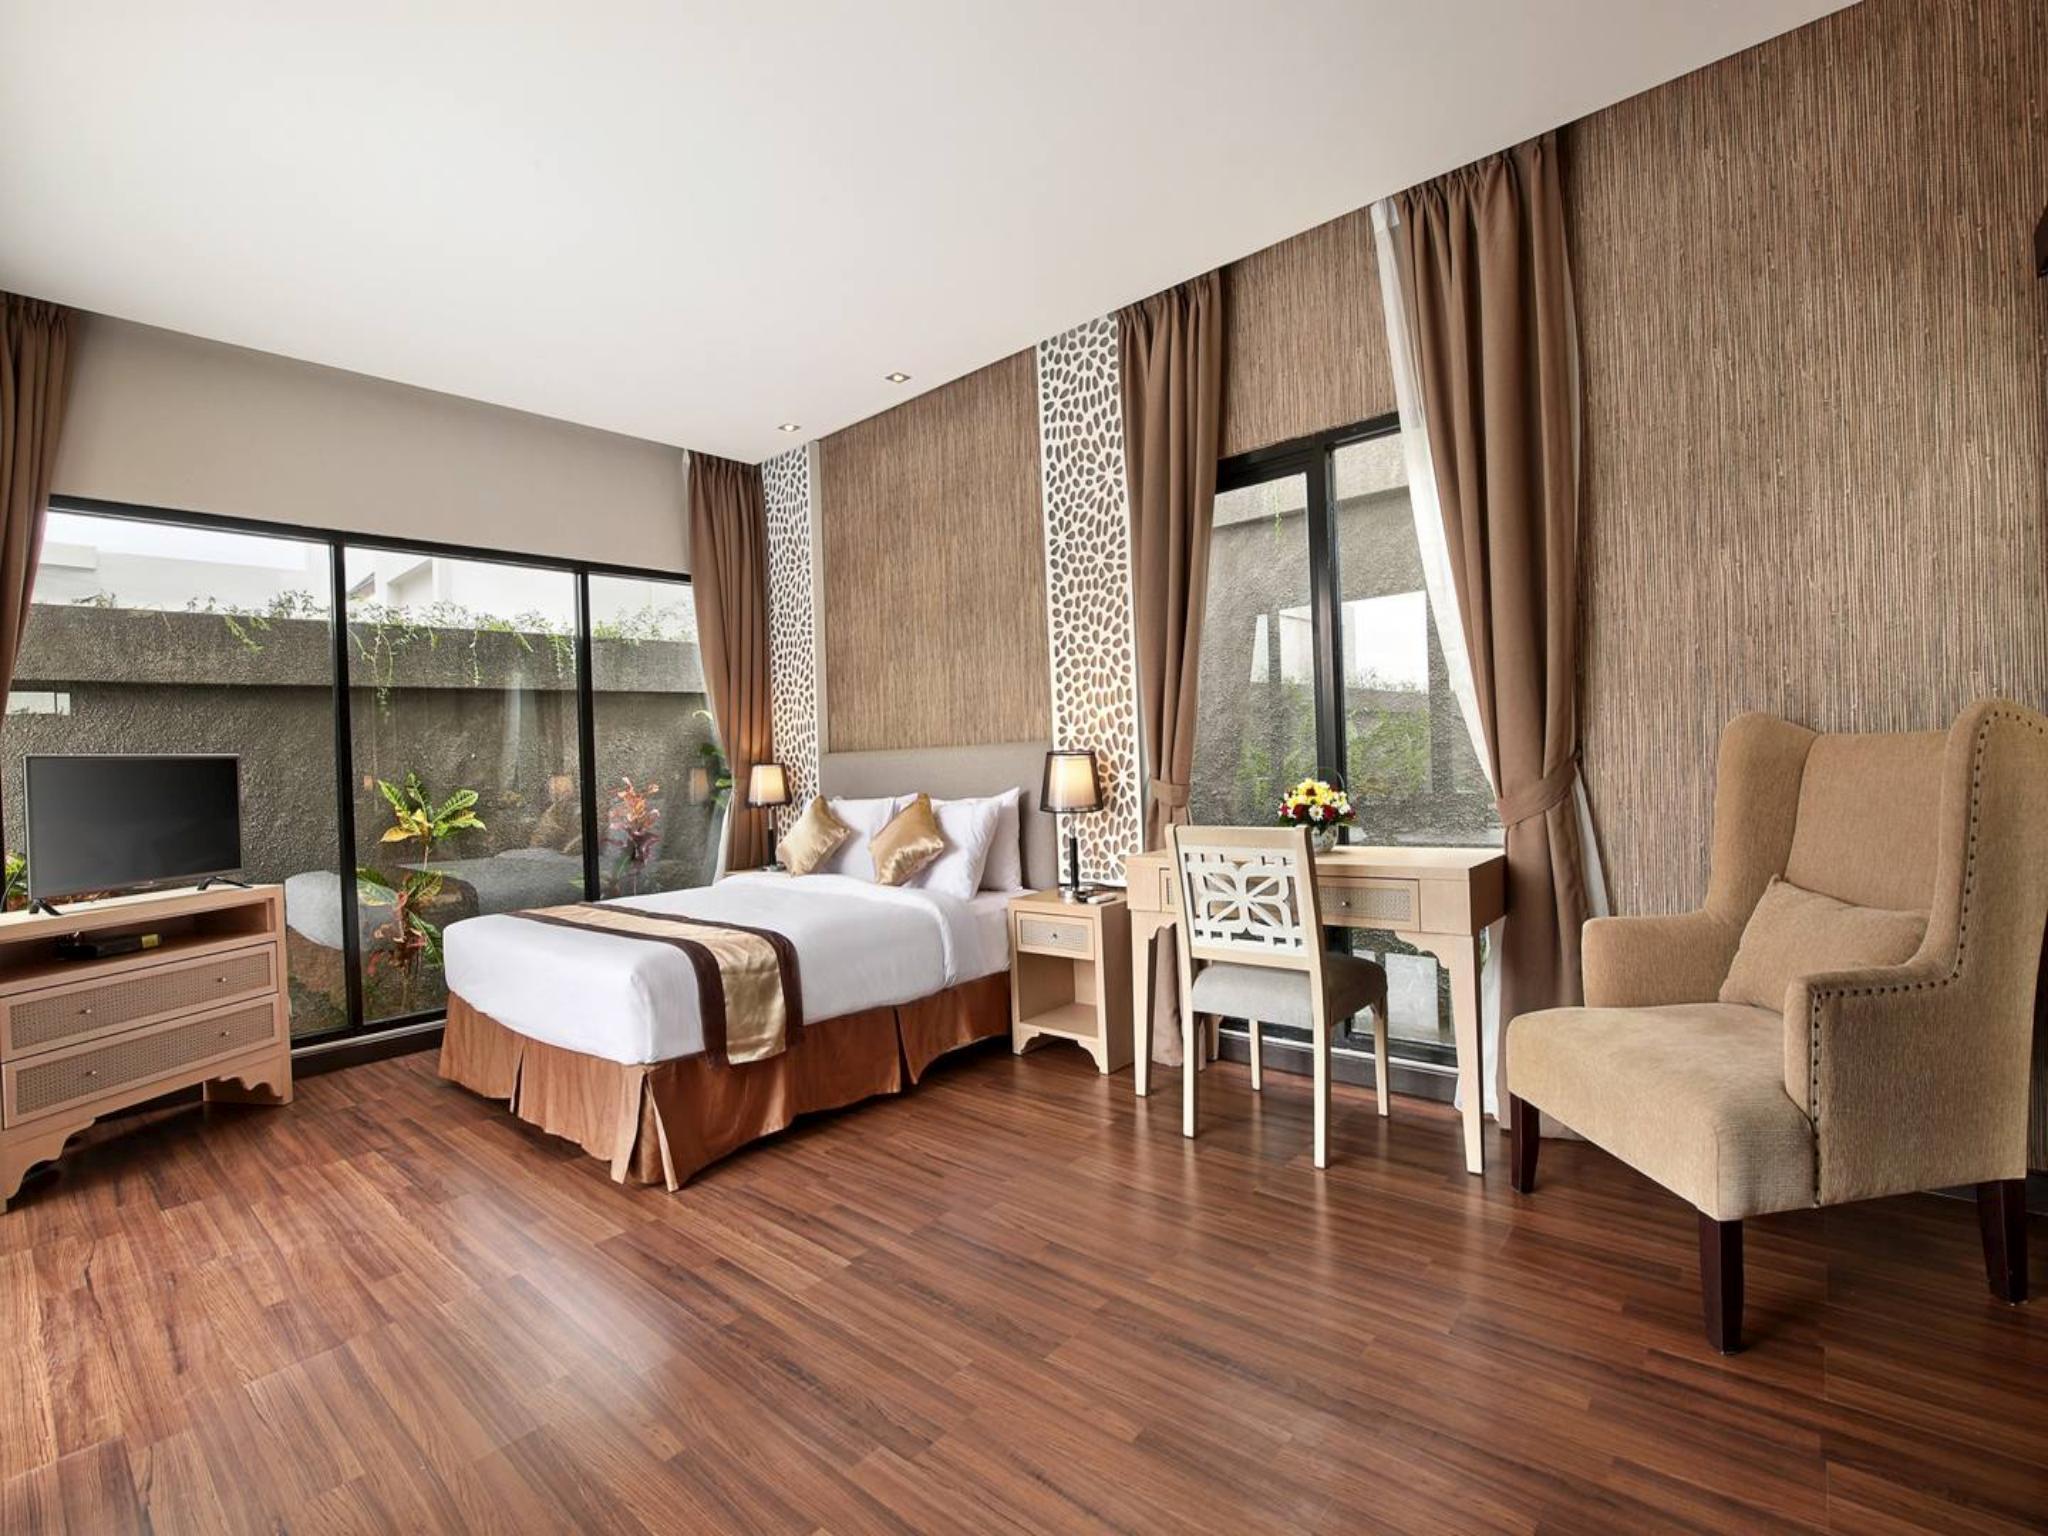 2 Bedroom Luxury Villa South Kuta